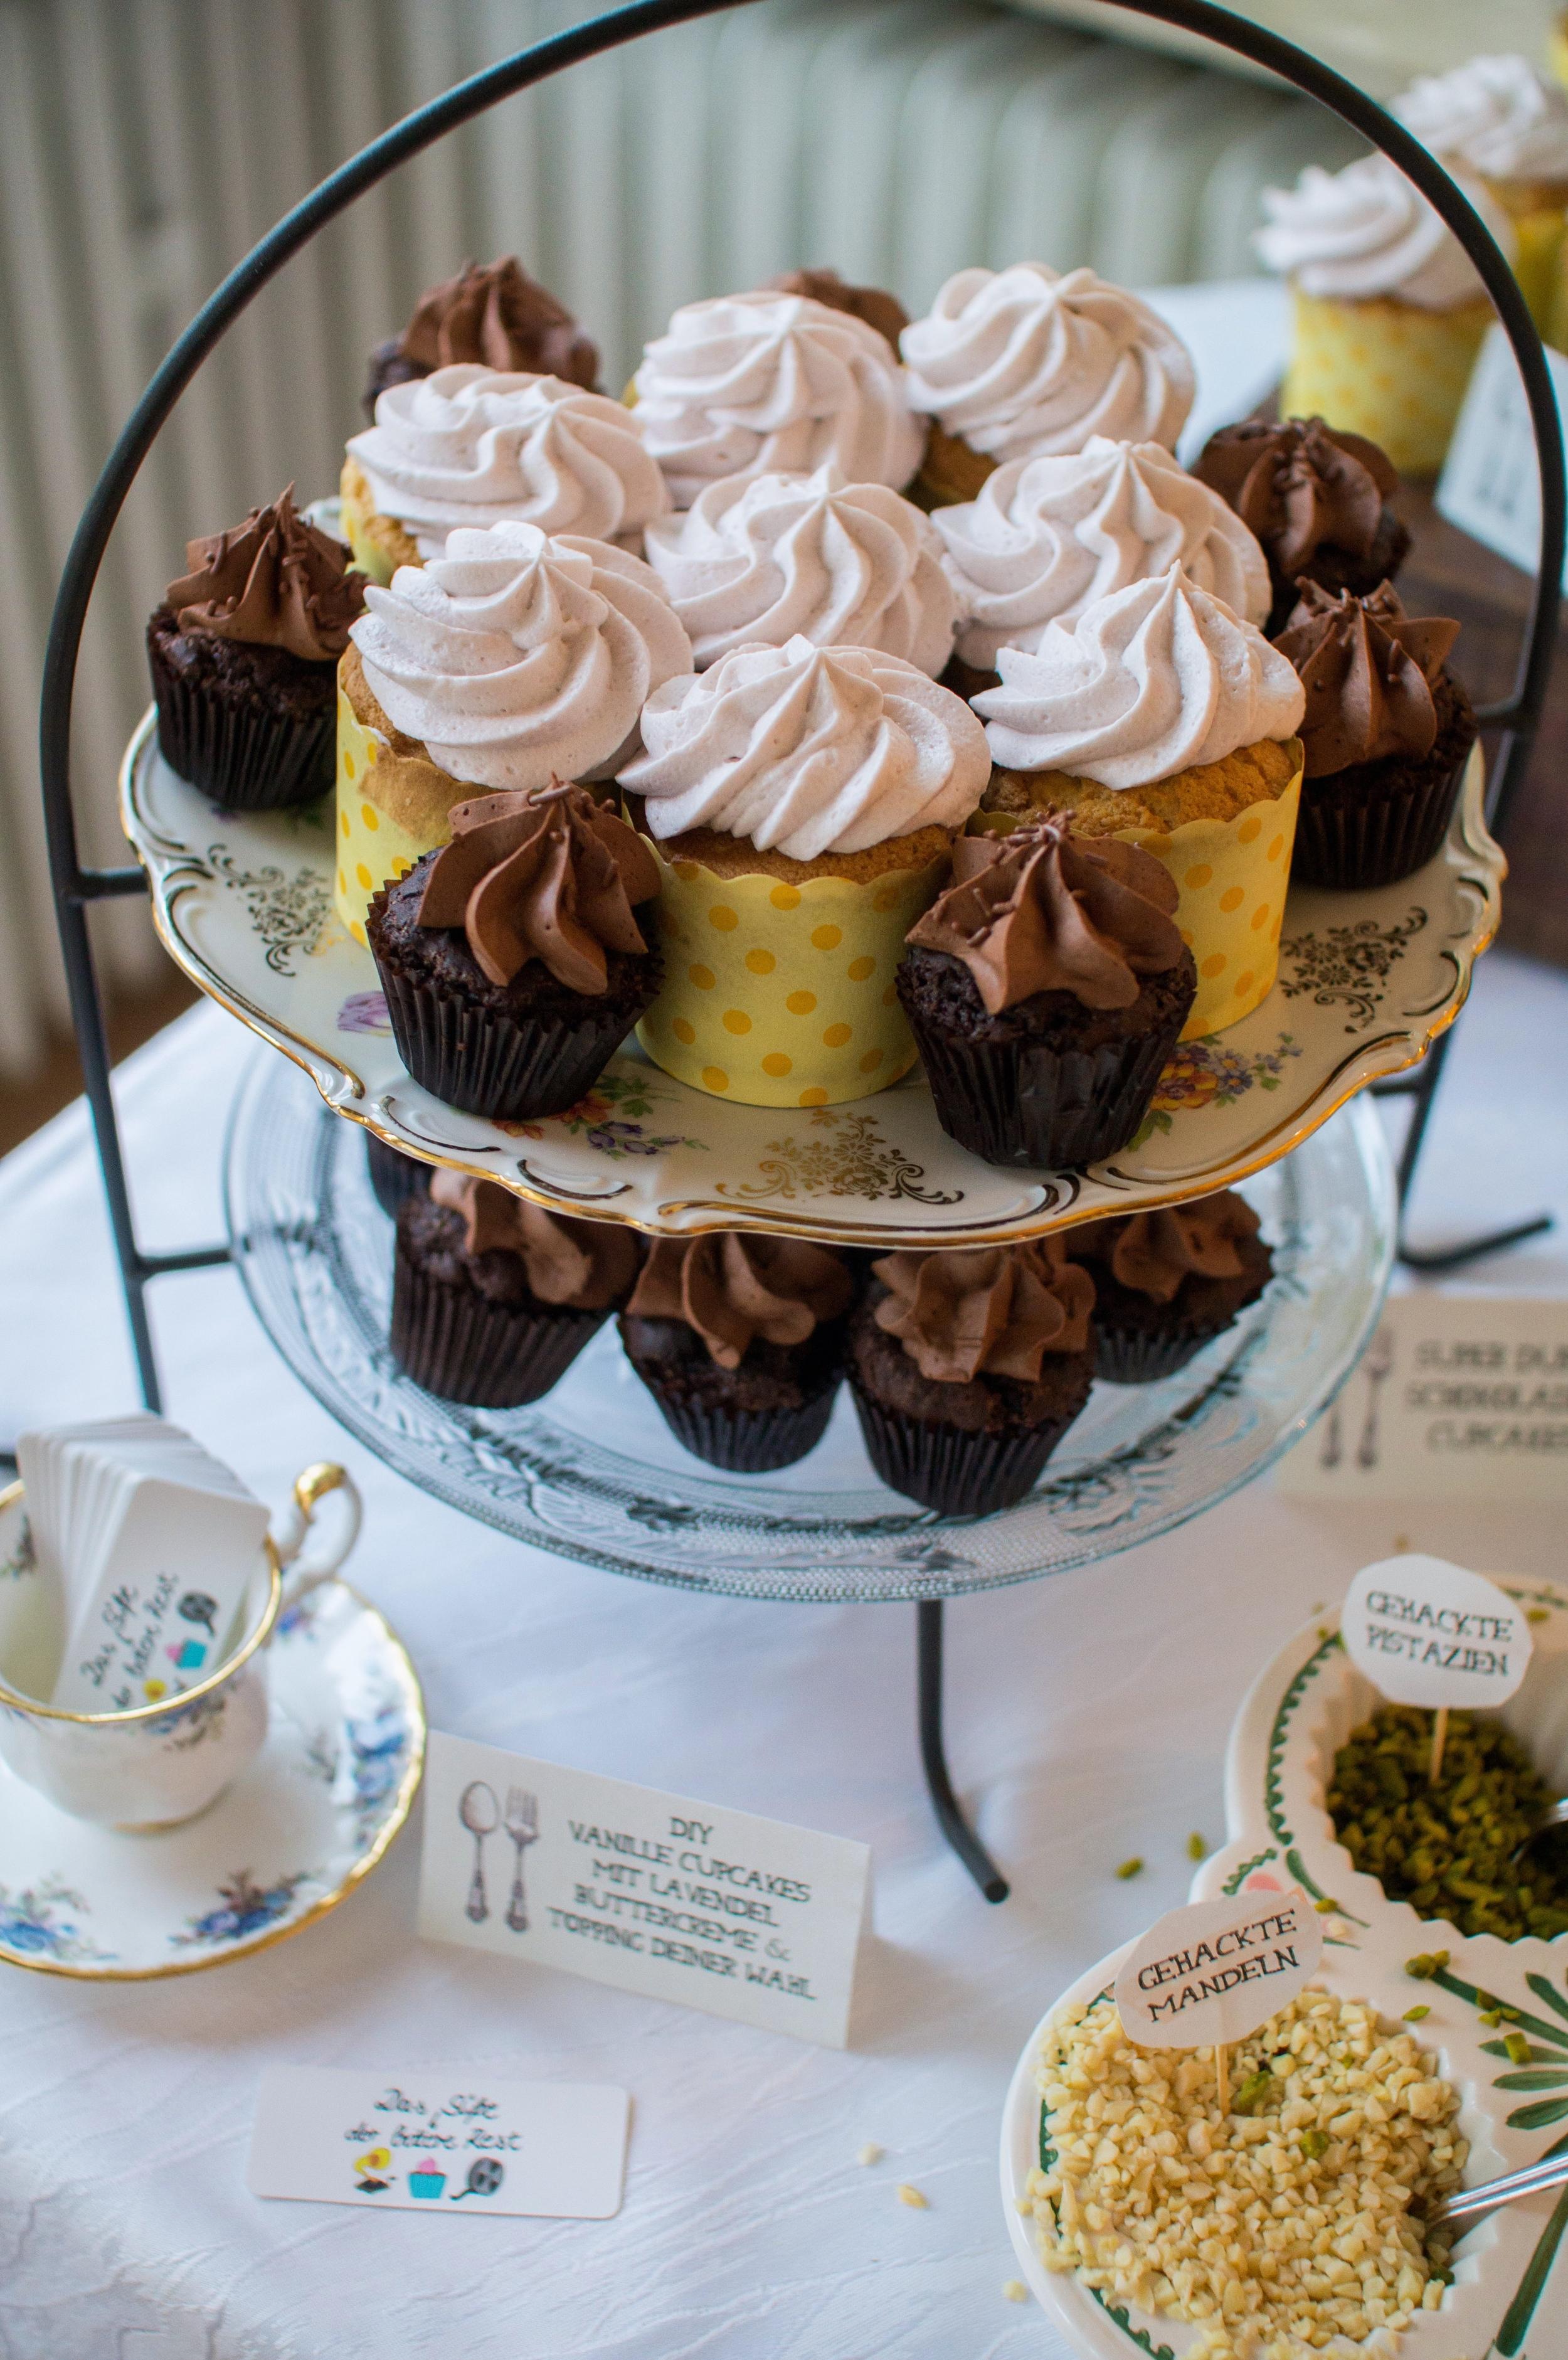 DIY Vanille & Schokoladen Cupcakes